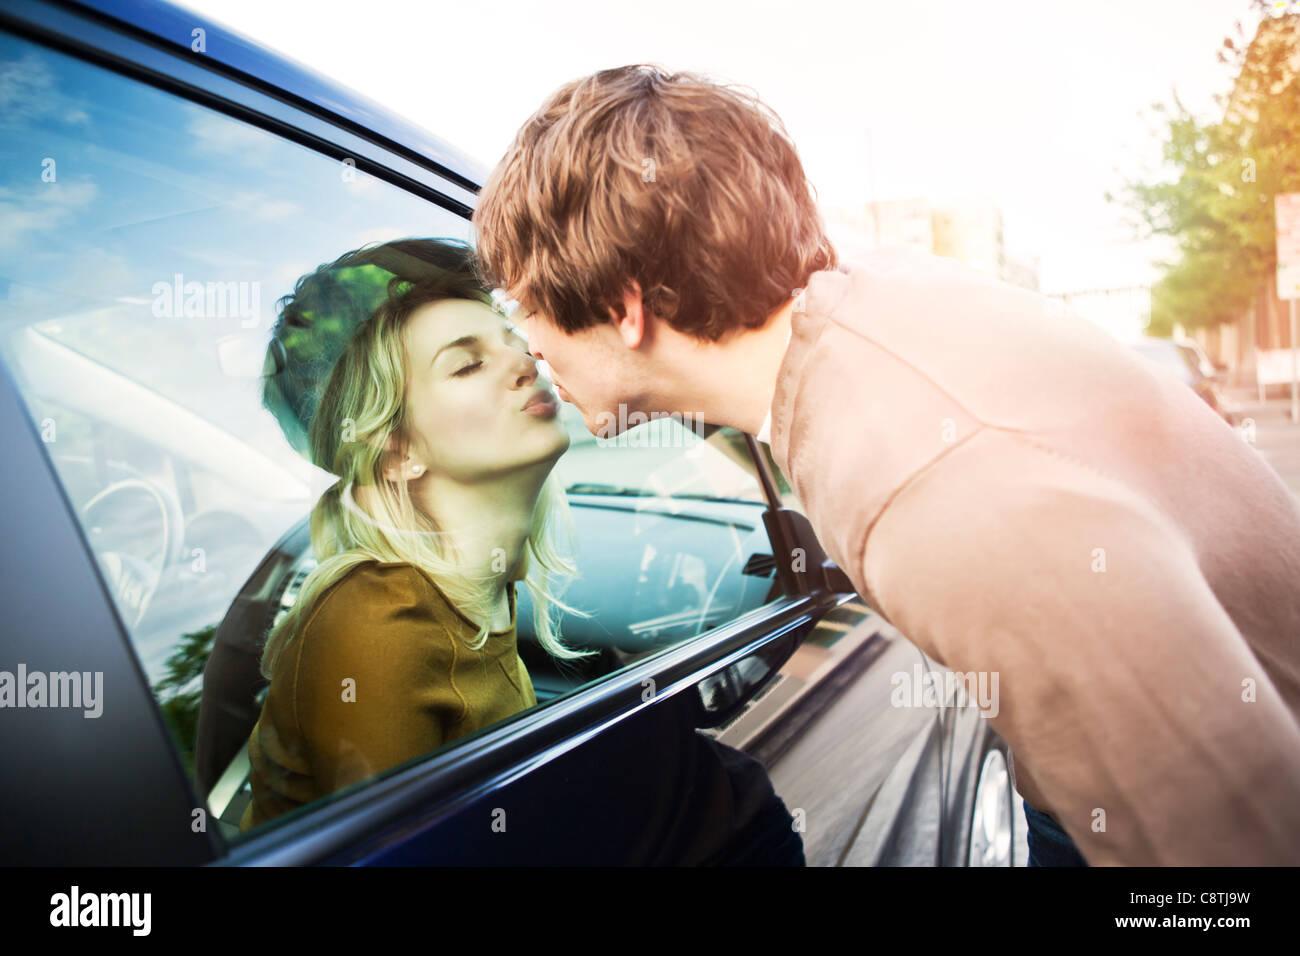 Stati Uniti d'America, Washington, Seattle, coppia giovane kissing attraverso la finestra della macchina Foto Stock